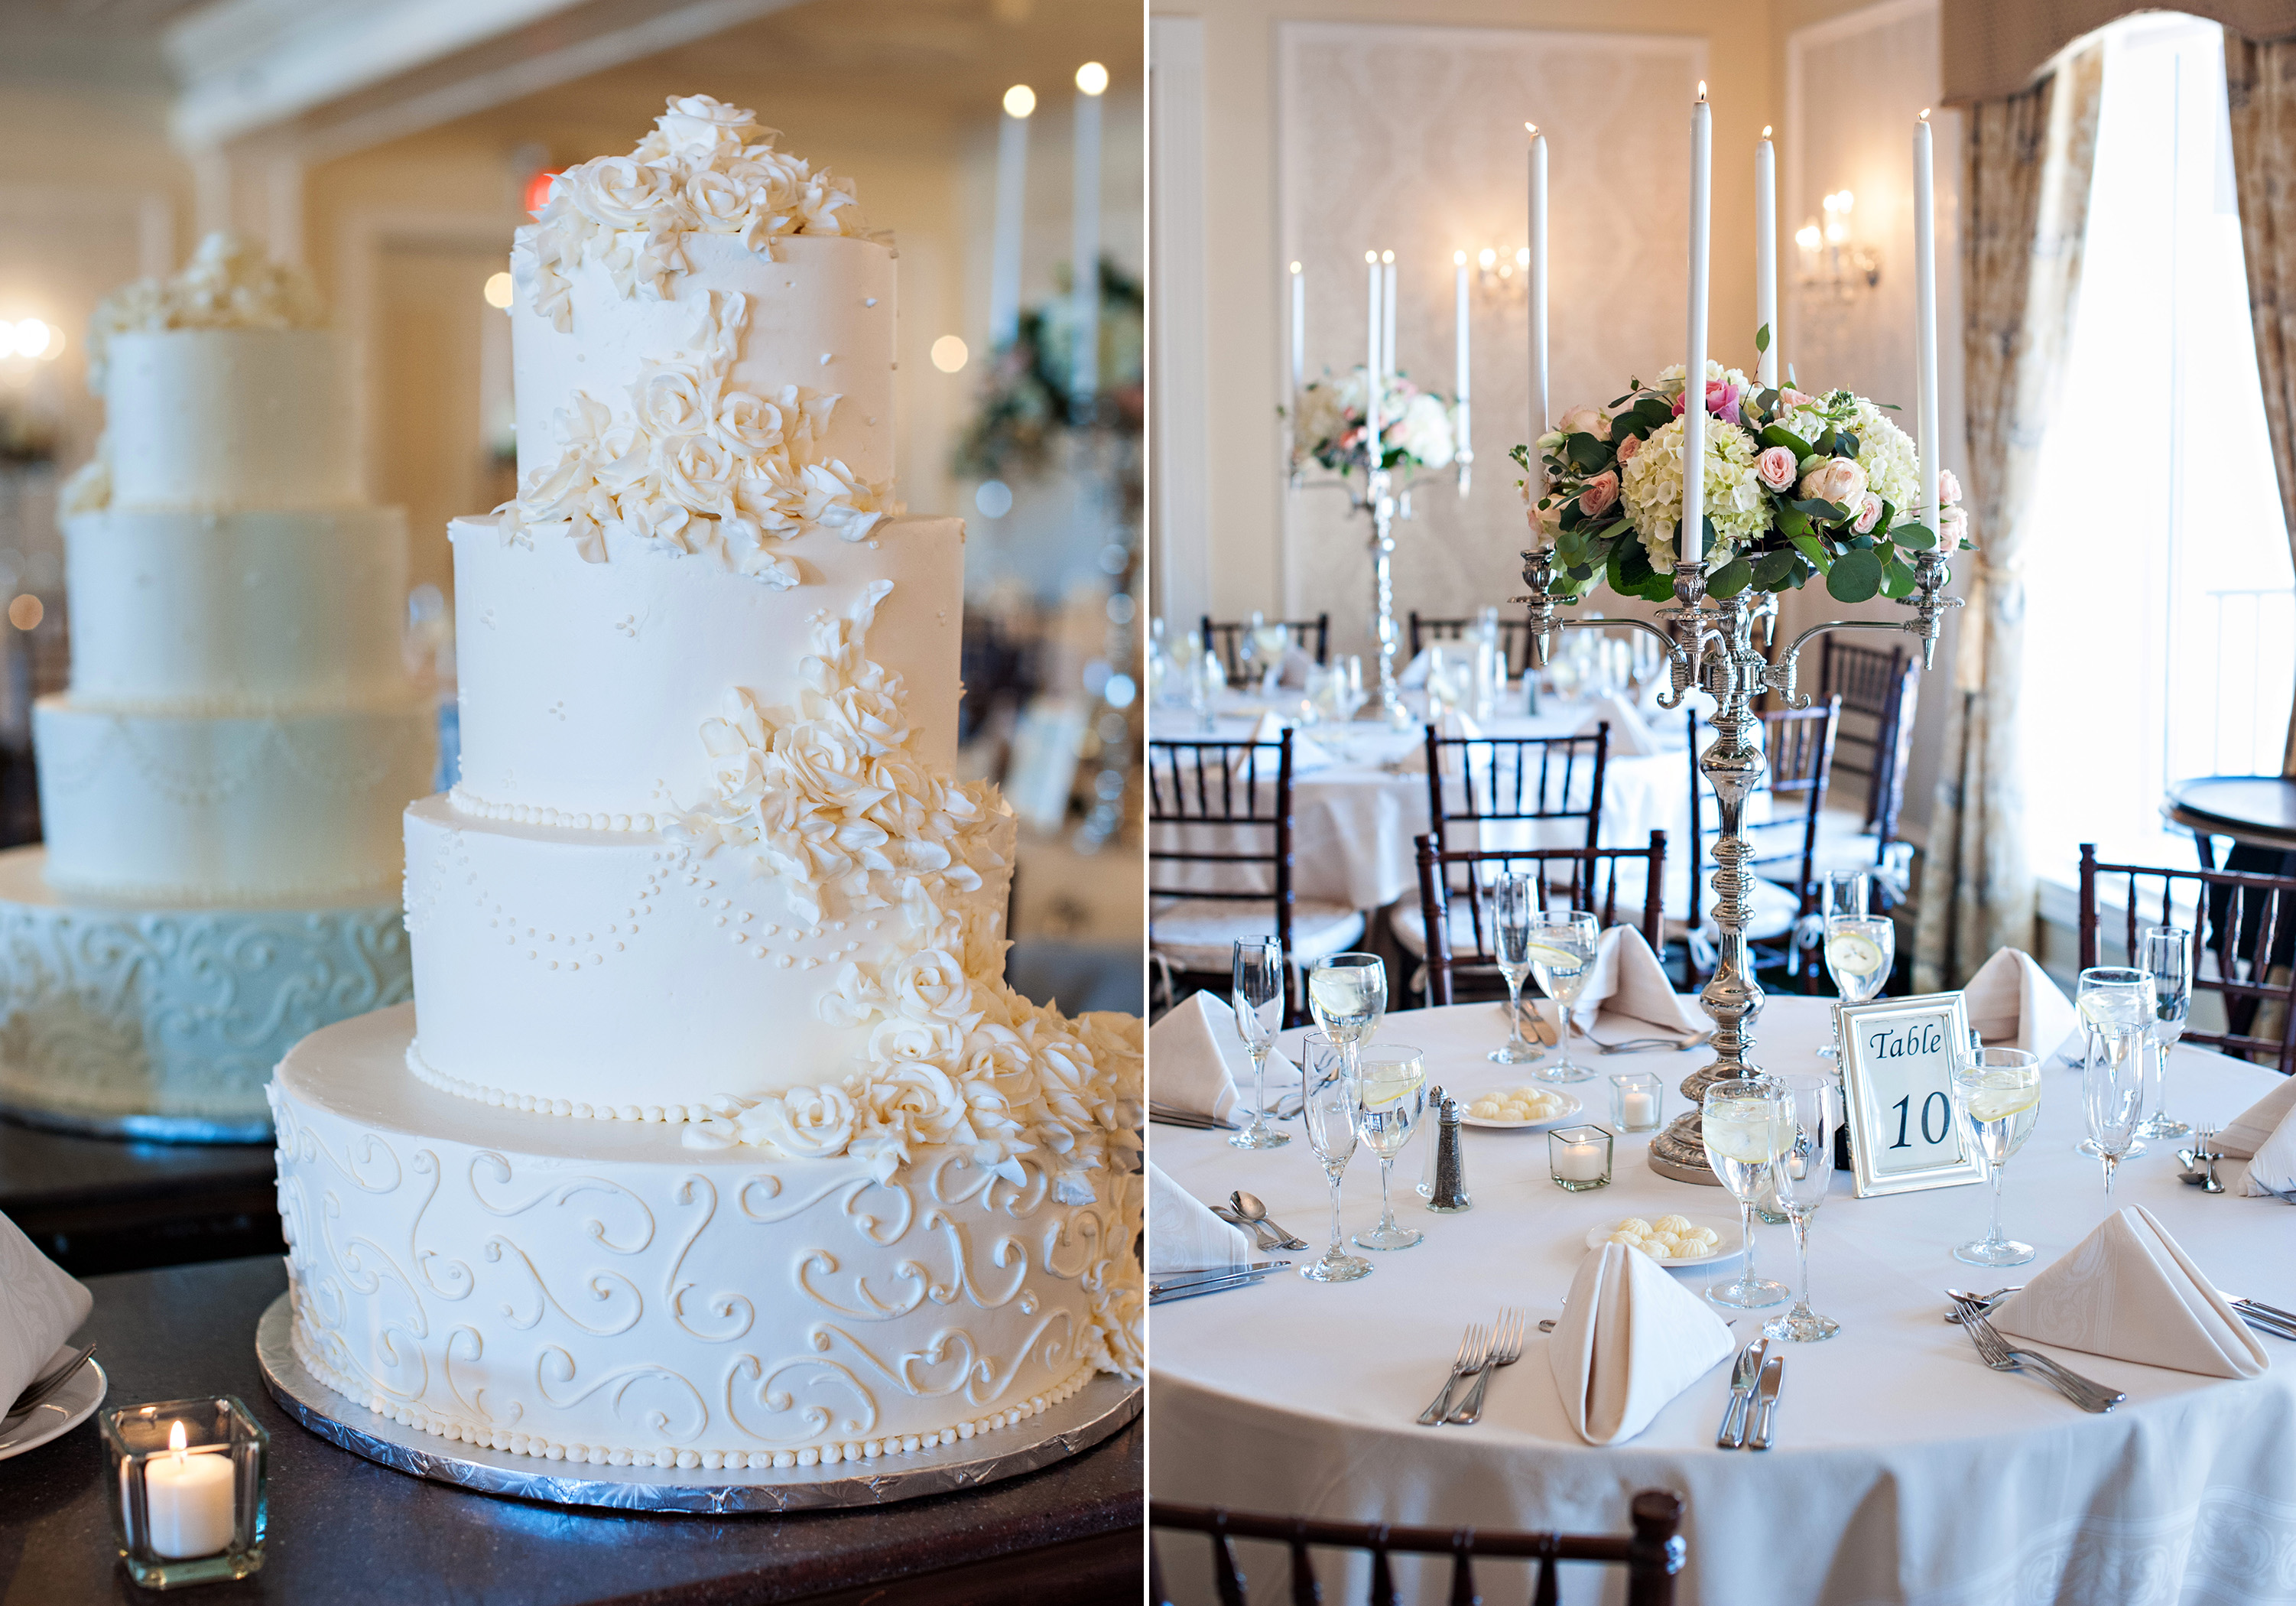 42-Sara Stadtmiller-SRS-Photography-Asbury-Park-Wedding-Photographer-Monmouth-County-Wedding-Photographer-NJ-Wedding-Photographer-Molly-Pitcher-Inn-Wedding